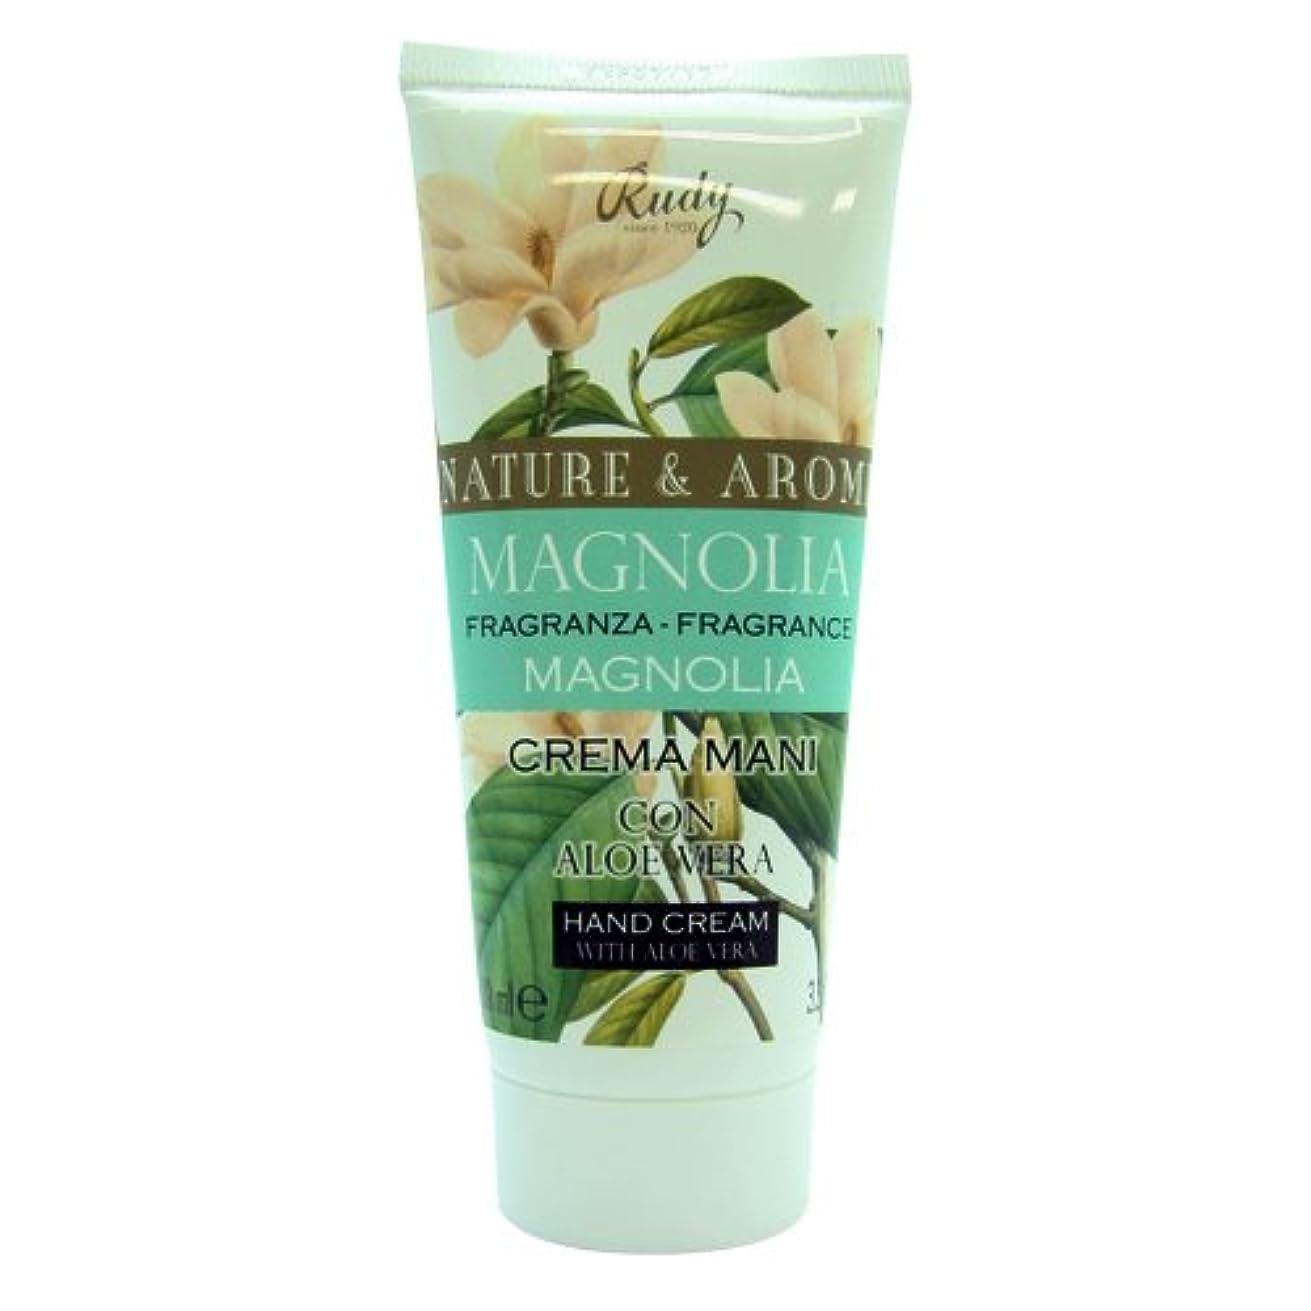 真珠のようなアラビア語受け取るRUDY Nature&Arome SERIES ルディ ナチュール&アロマ Hand Cream ハンドクリーム  Magnolia マグノリア